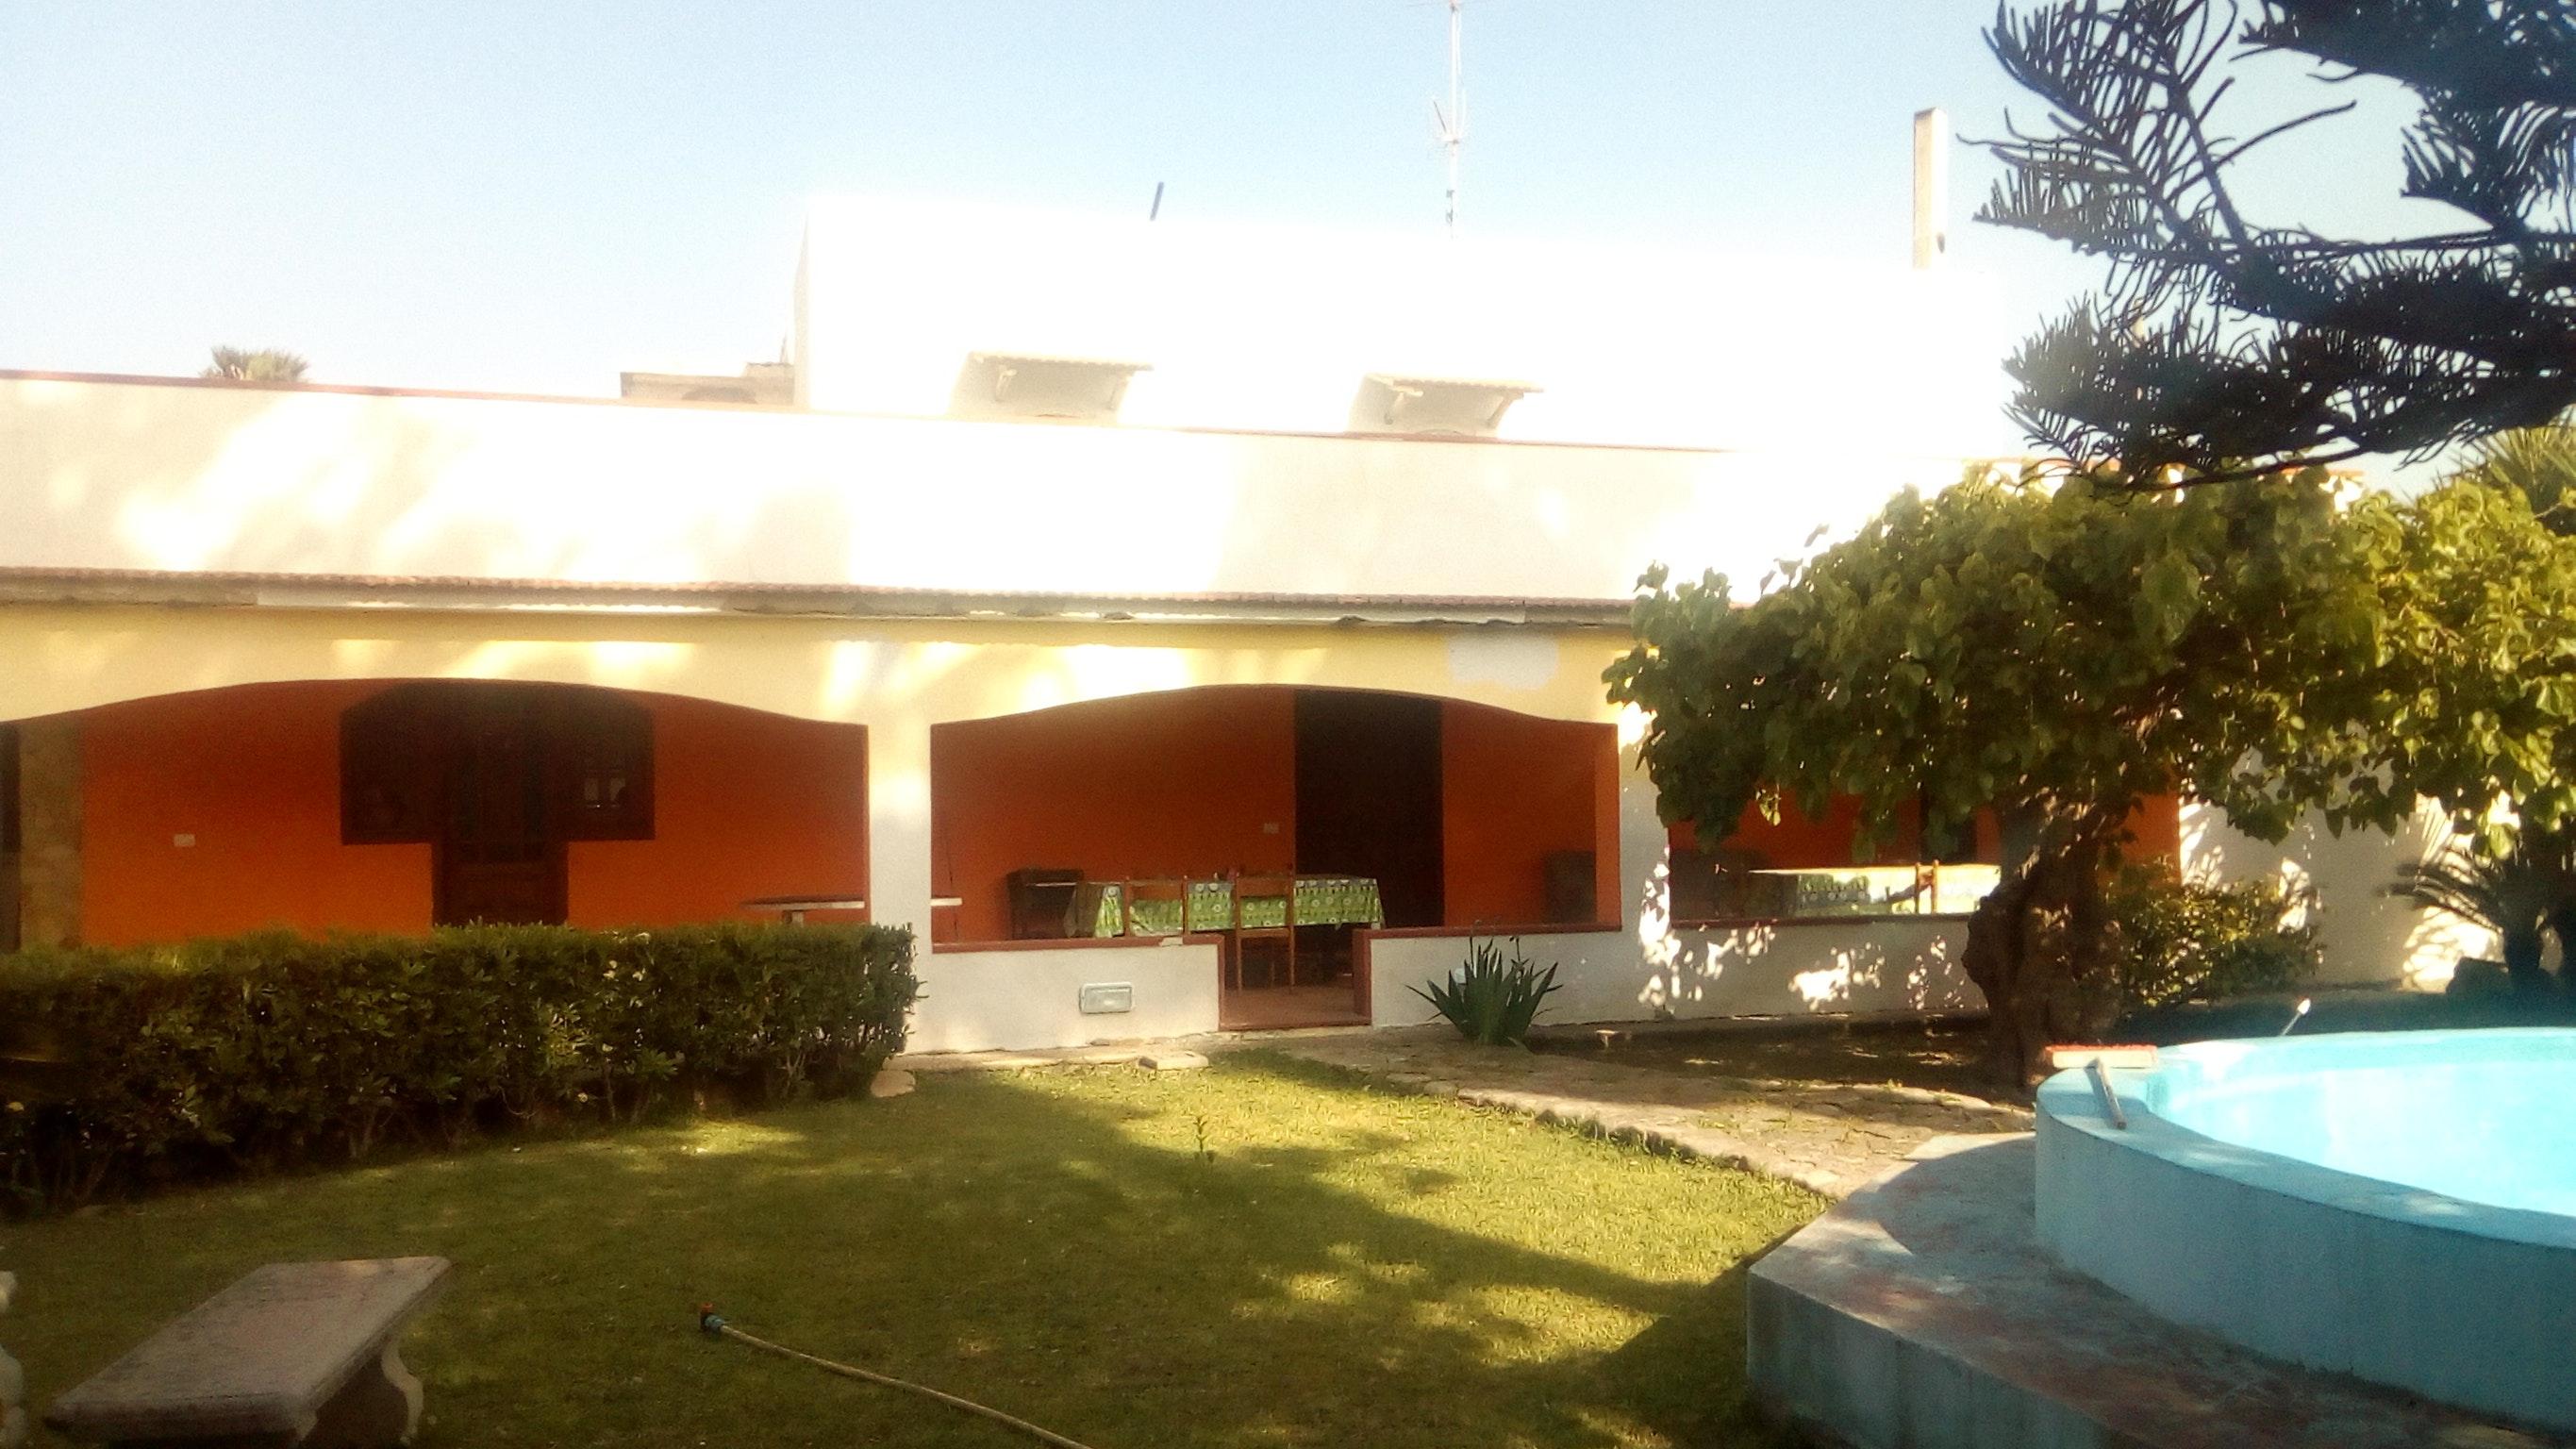 Appartement de vacances Studio in Cicirata mit herrlichem Meerblick, Pool, eingezäuntem Garten - 50 m vom Strand e (2339675), Avola, Siracusa, Sicile, Italie, image 19